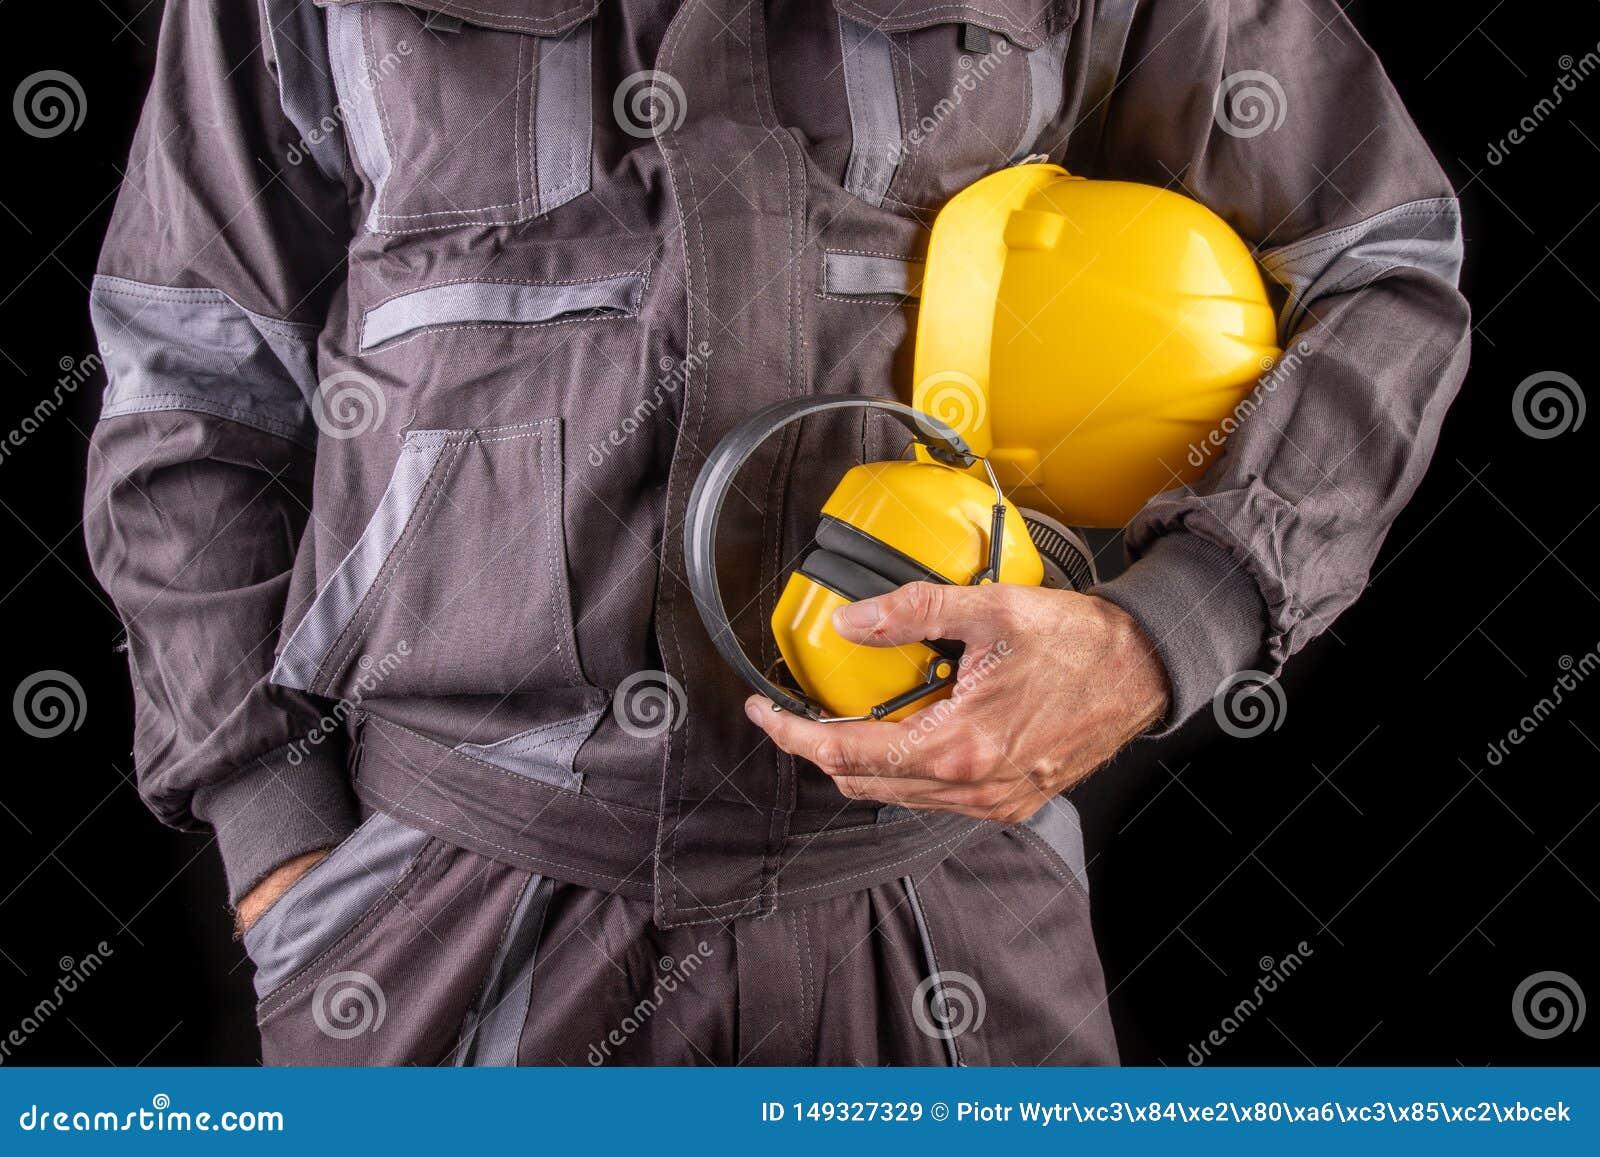 Un trabajador de producci?n en workwear con un casco y los protectores de o?do a disposici?n Workwear especial para los empleados